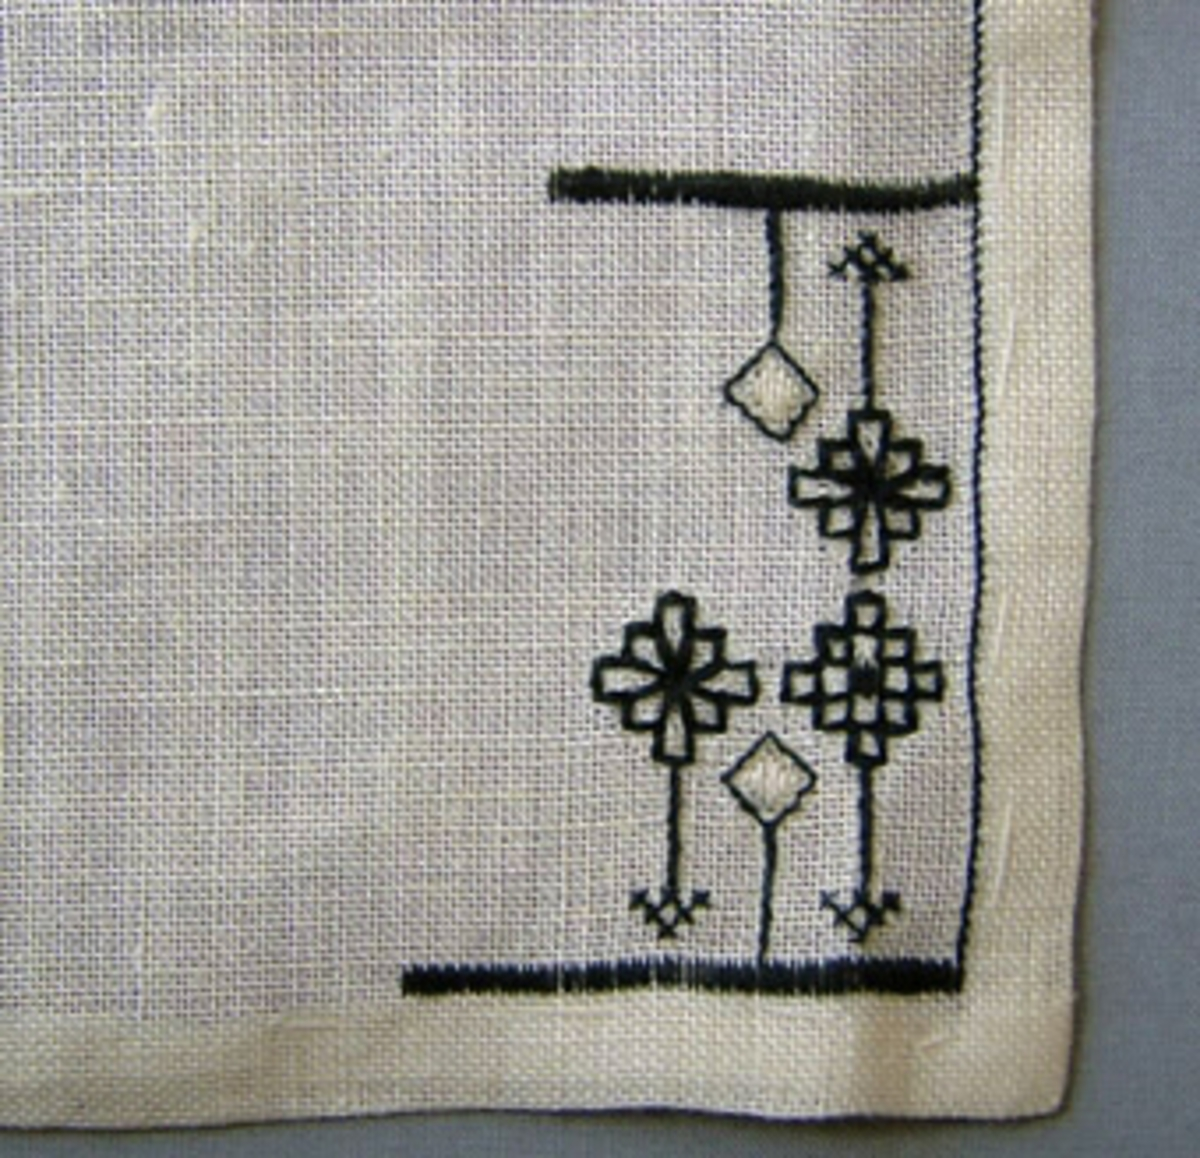 Broderiprov i linne med broderi i svartstick. Broderiet är påbörjat i ena hörnet av den fållade linneväven. Motivet, stiliserade blommor och svarta ränder, är utfört i rätlinjig plattsöm, korsstygn och rutsöm. Blekt/vit linneväv med broderi i svart och lite vitt.